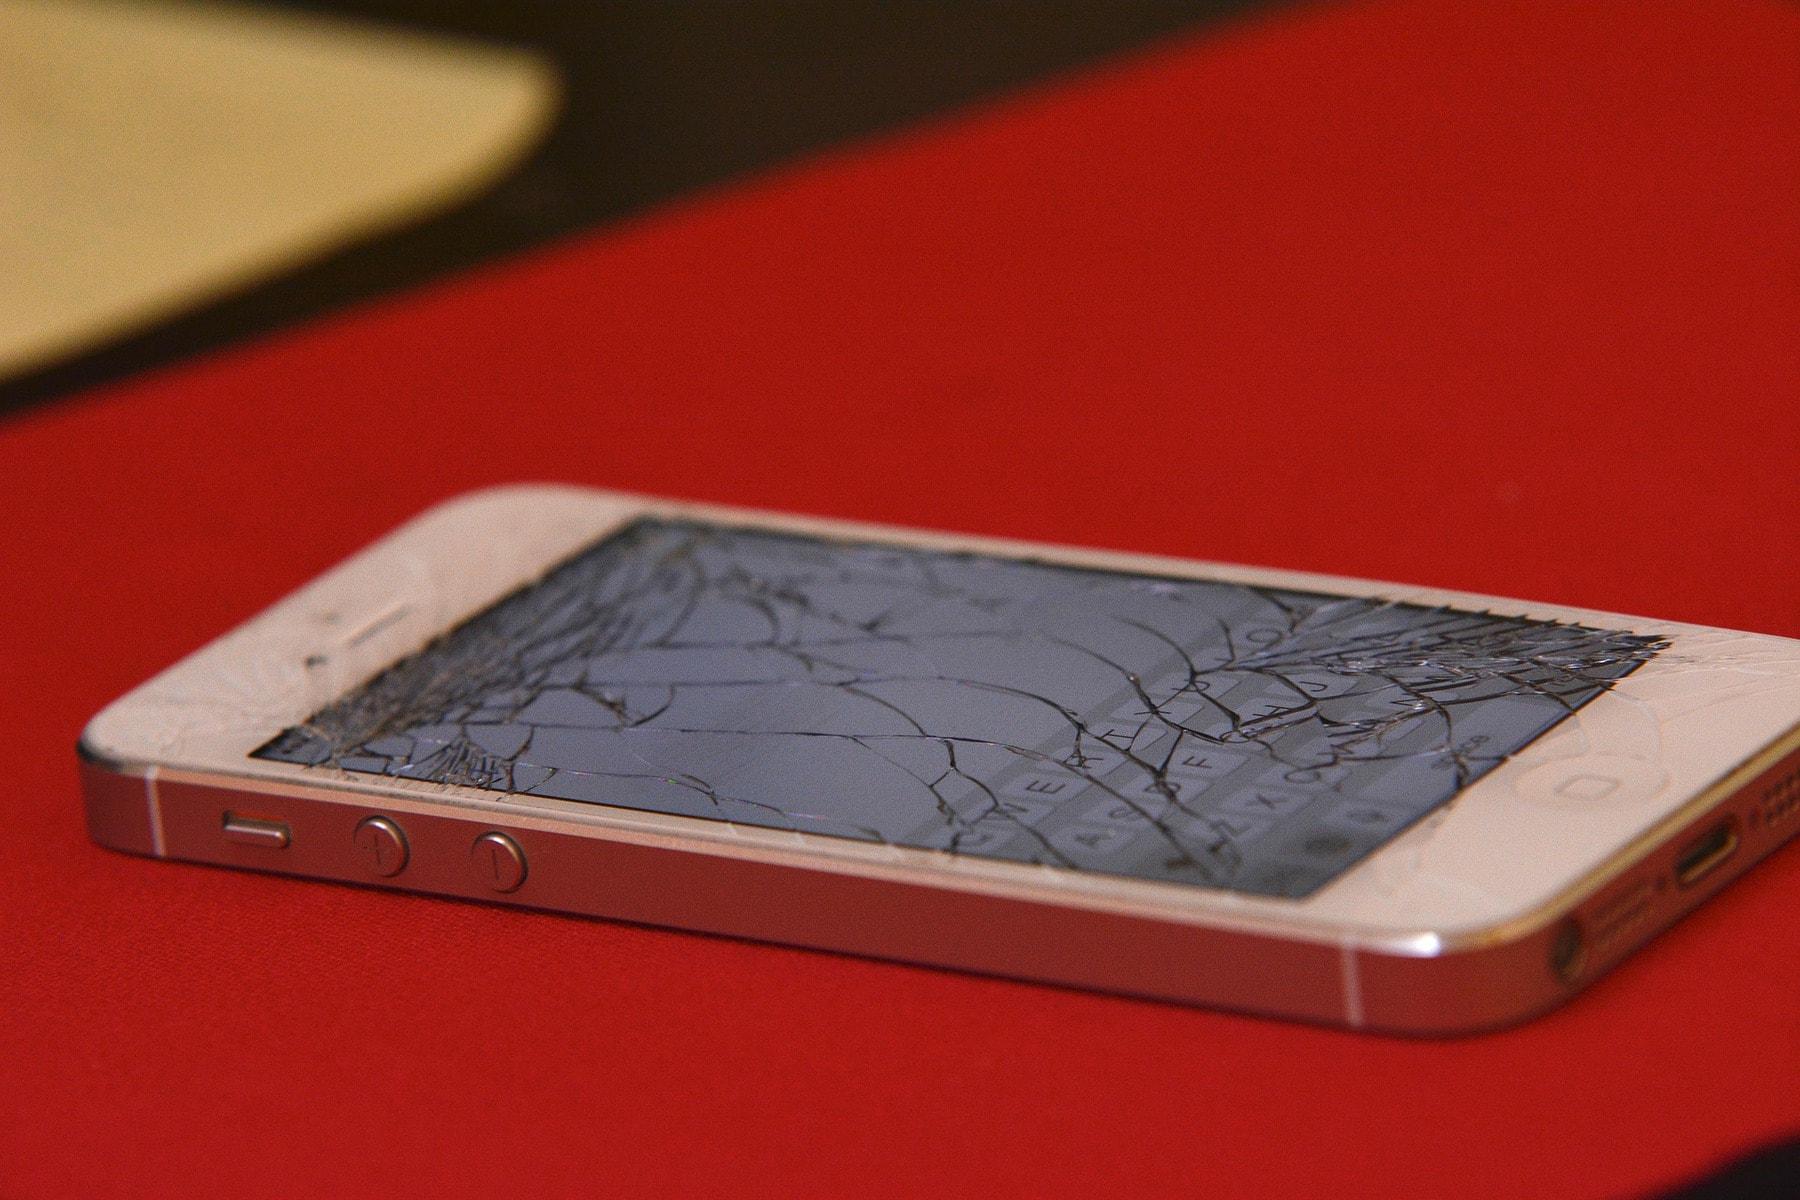 iphone-smashed